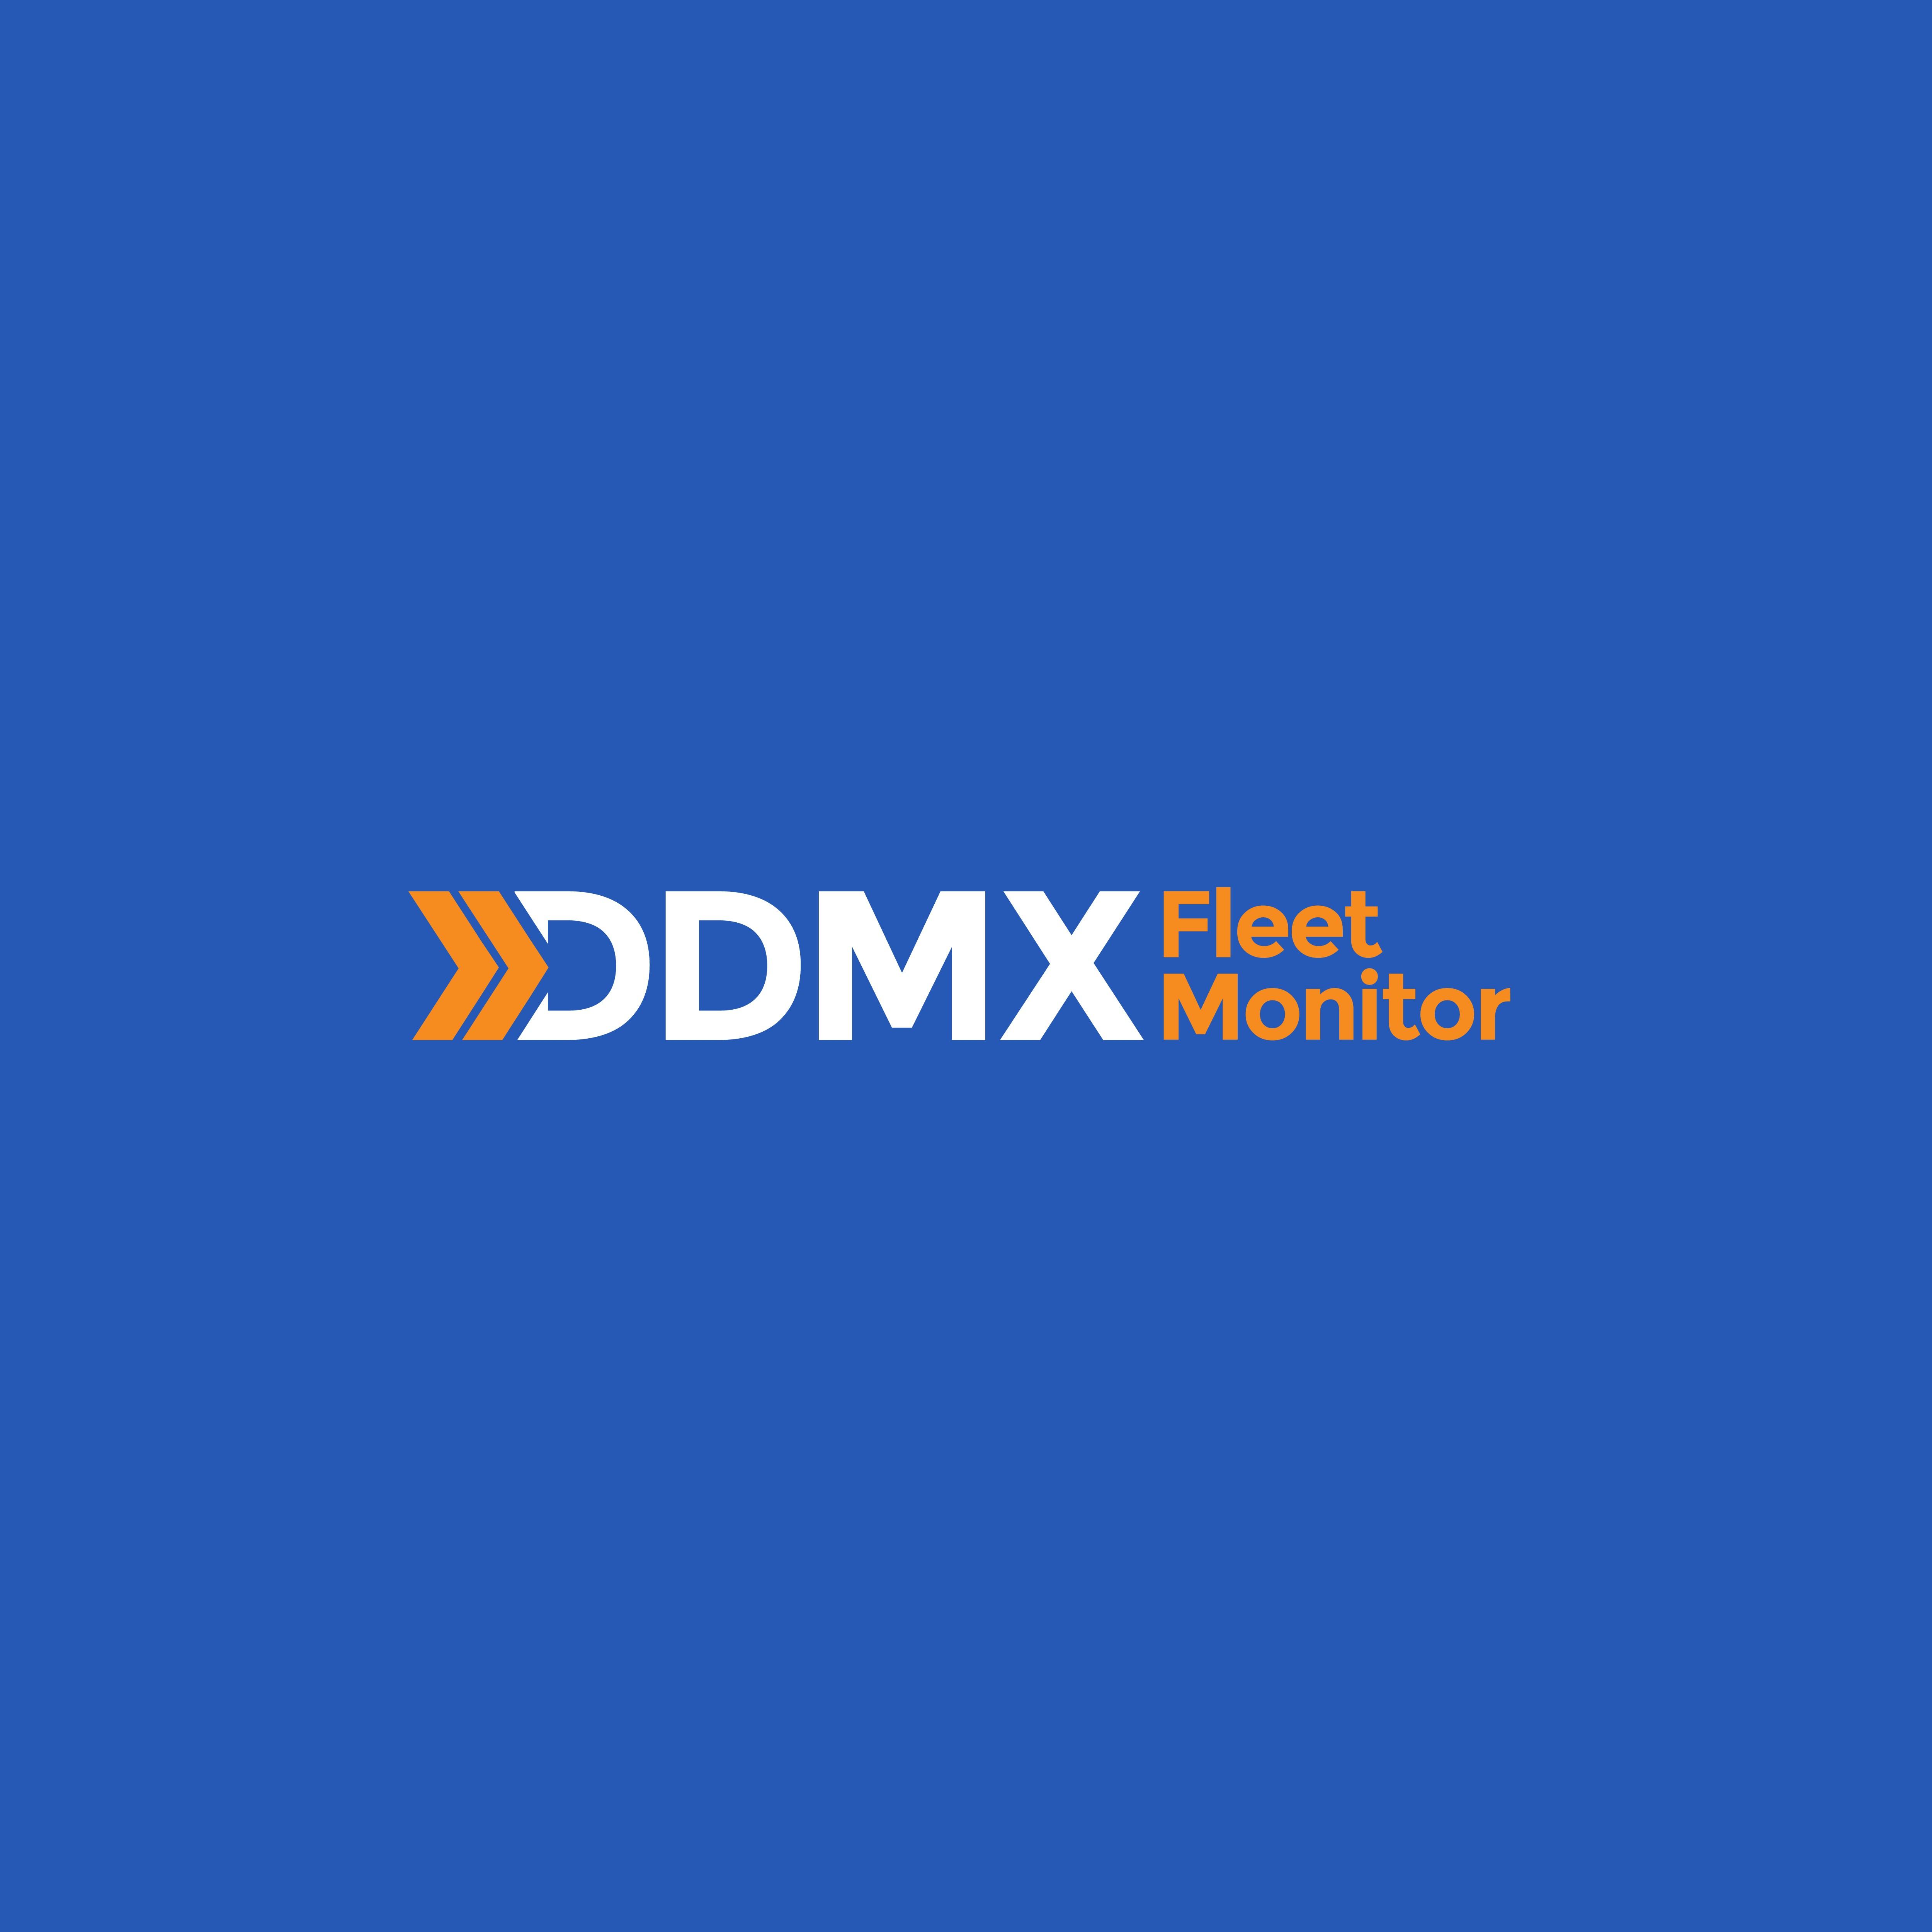 Criar uma Logo para um Produto de Monitoramento de Ativos